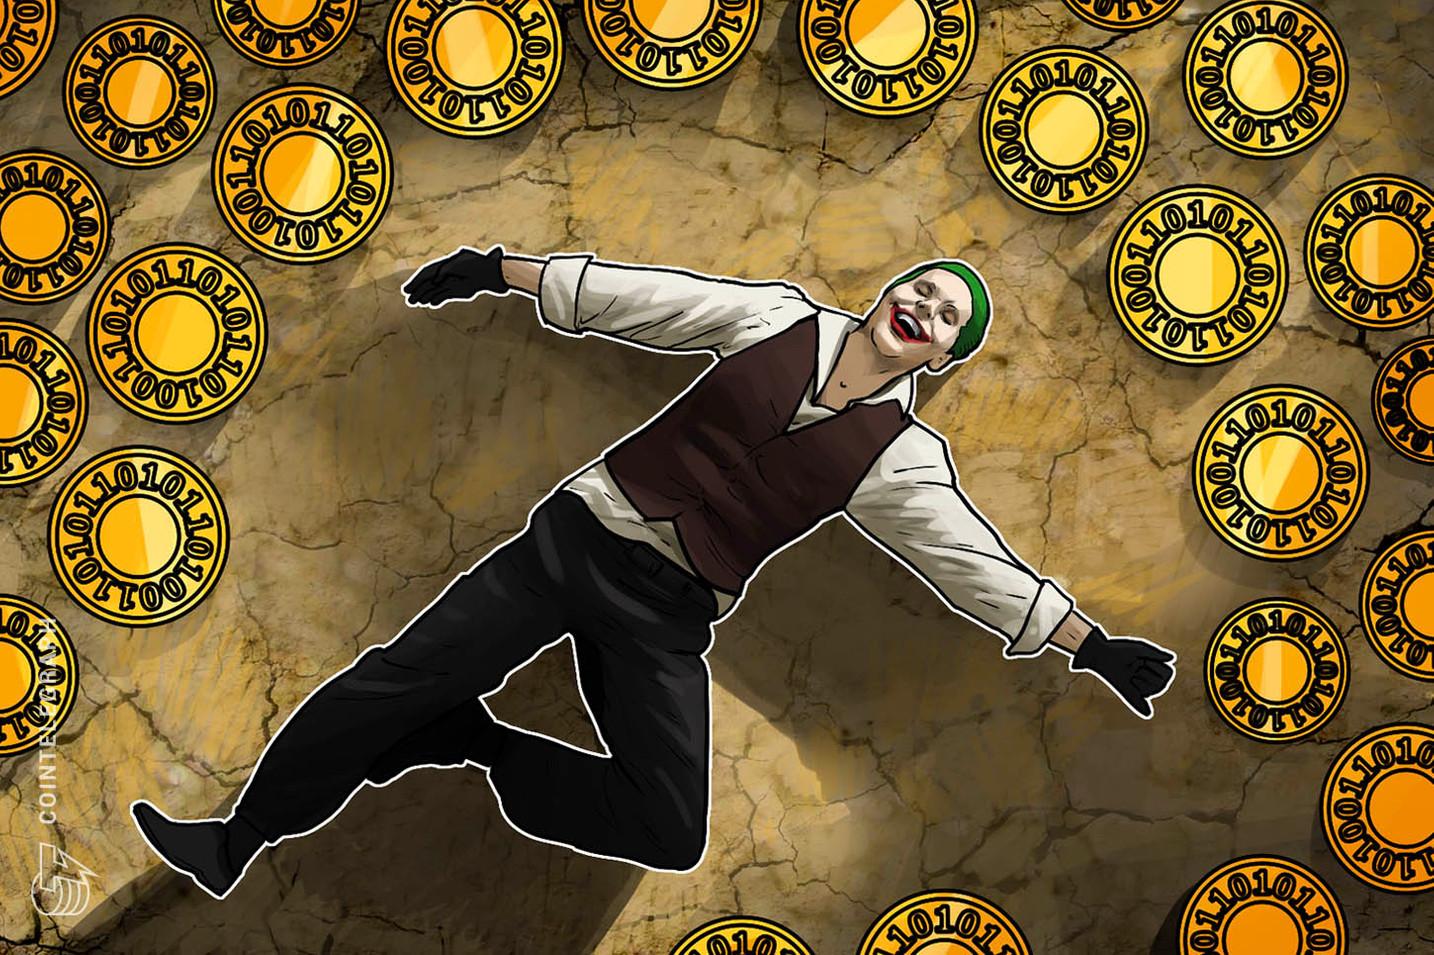 استبيان رويترز: على الأقل ٥٦ شركة مالية ستدخل مجال العملات الرقمية خلال الستة أشهر القادمة